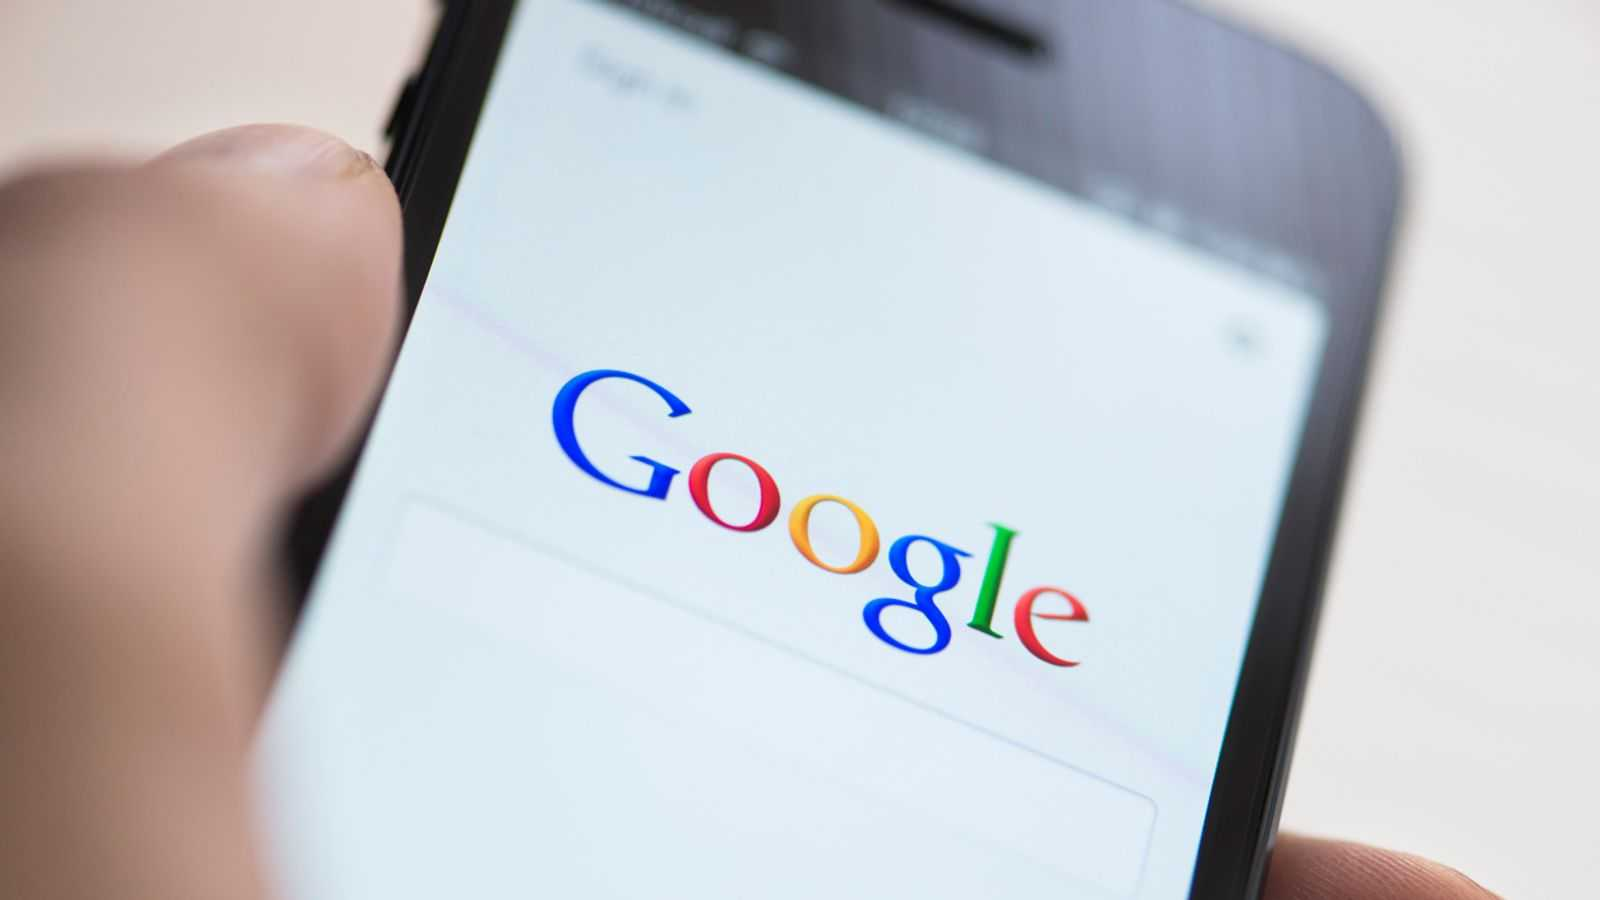 Google Hangi Yılda Kuruldu? Tarihi ve Hikayesi